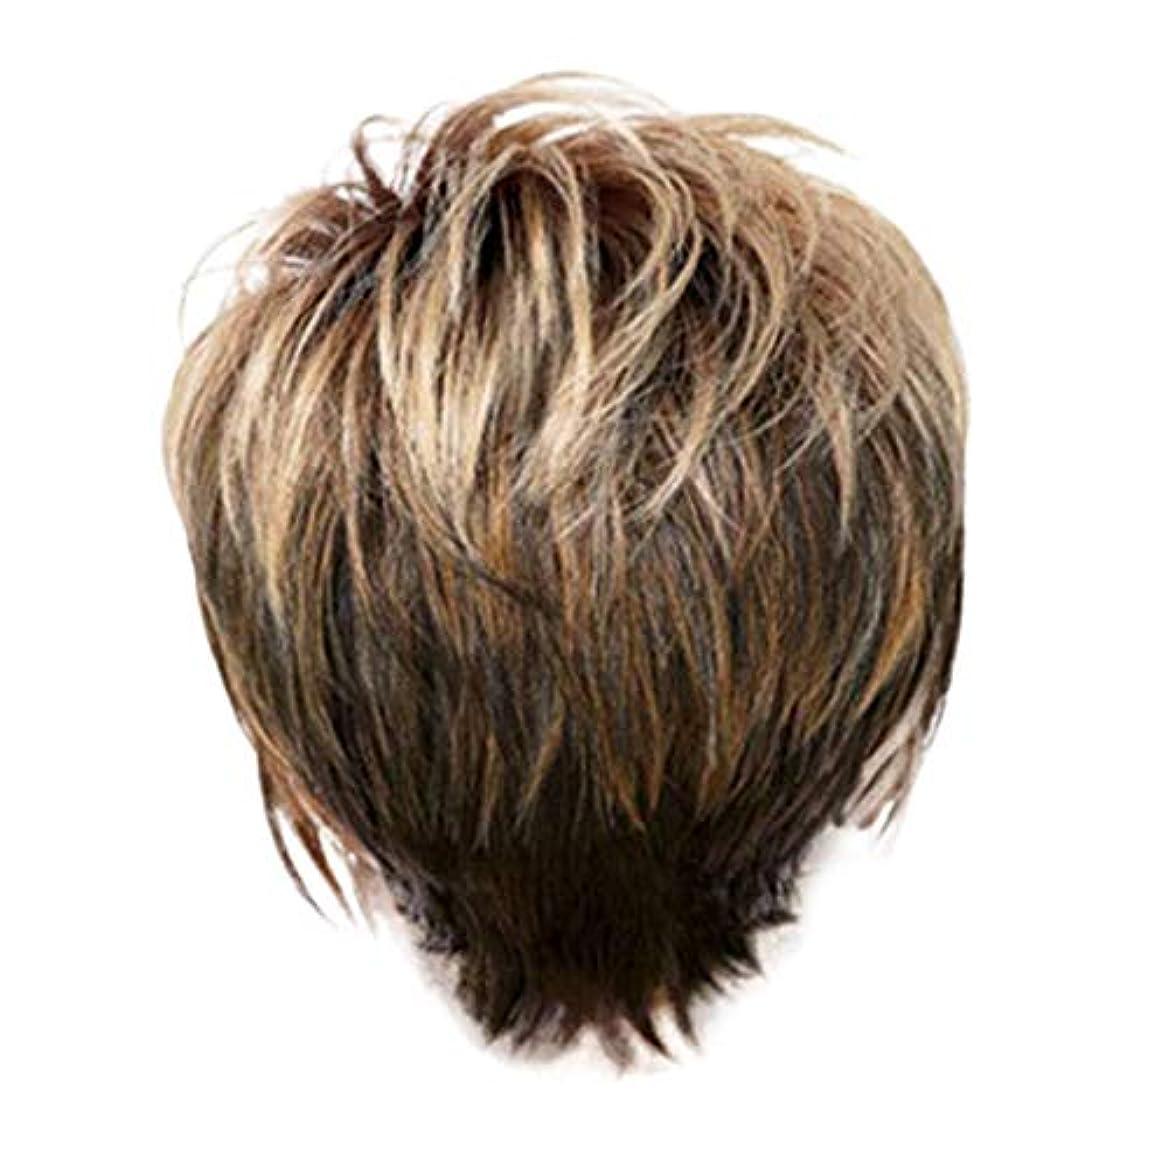 眠り部分量ウィッグ女性の金茶色の短いストレートヘアファッションセクシーなかつら31 cm